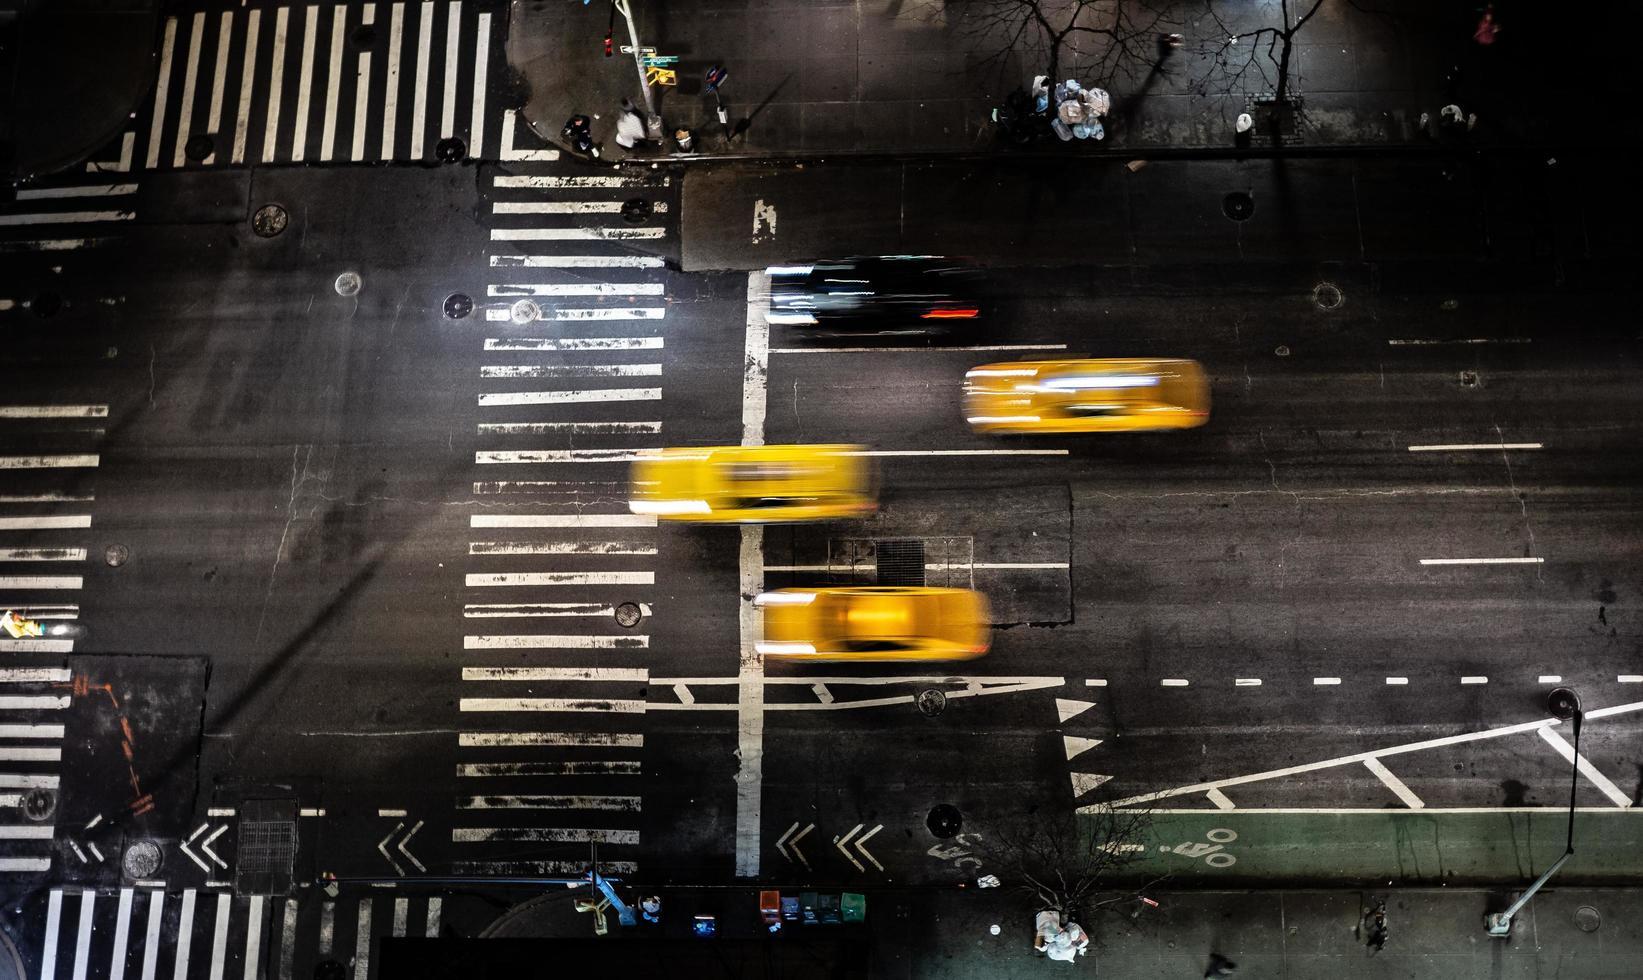 gele taxi's op straat foto